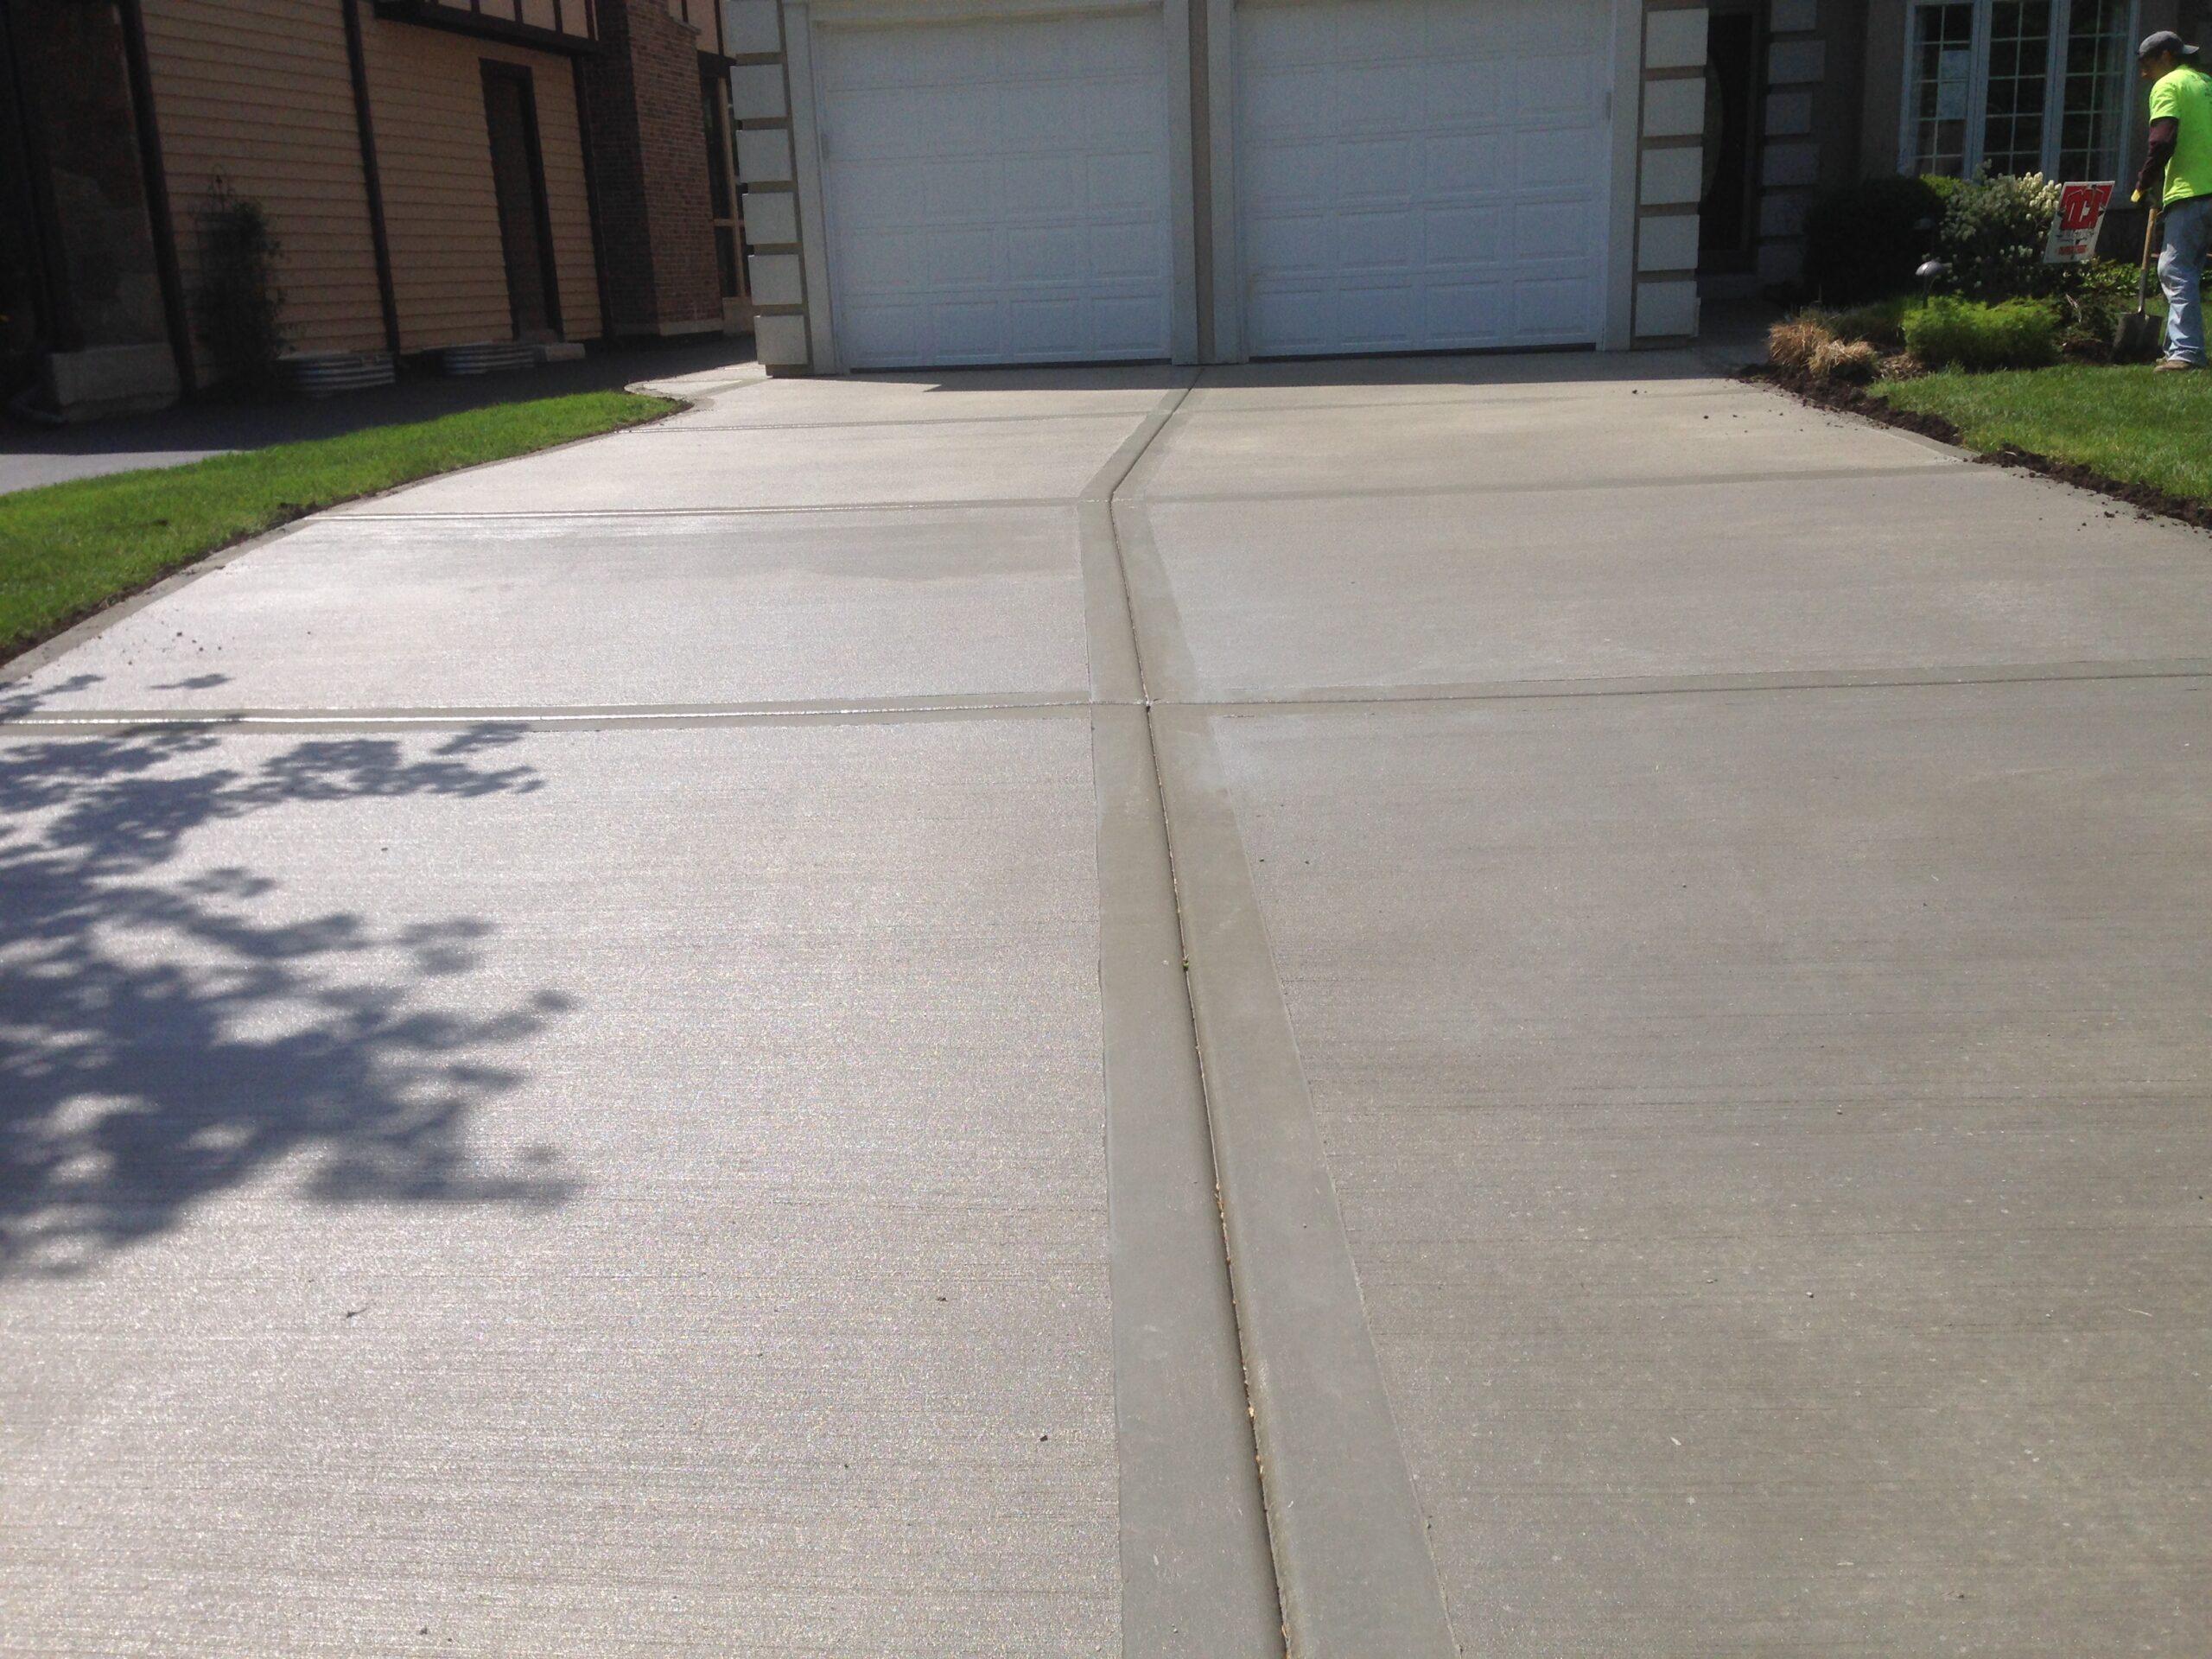 Concrete_Driveway_02